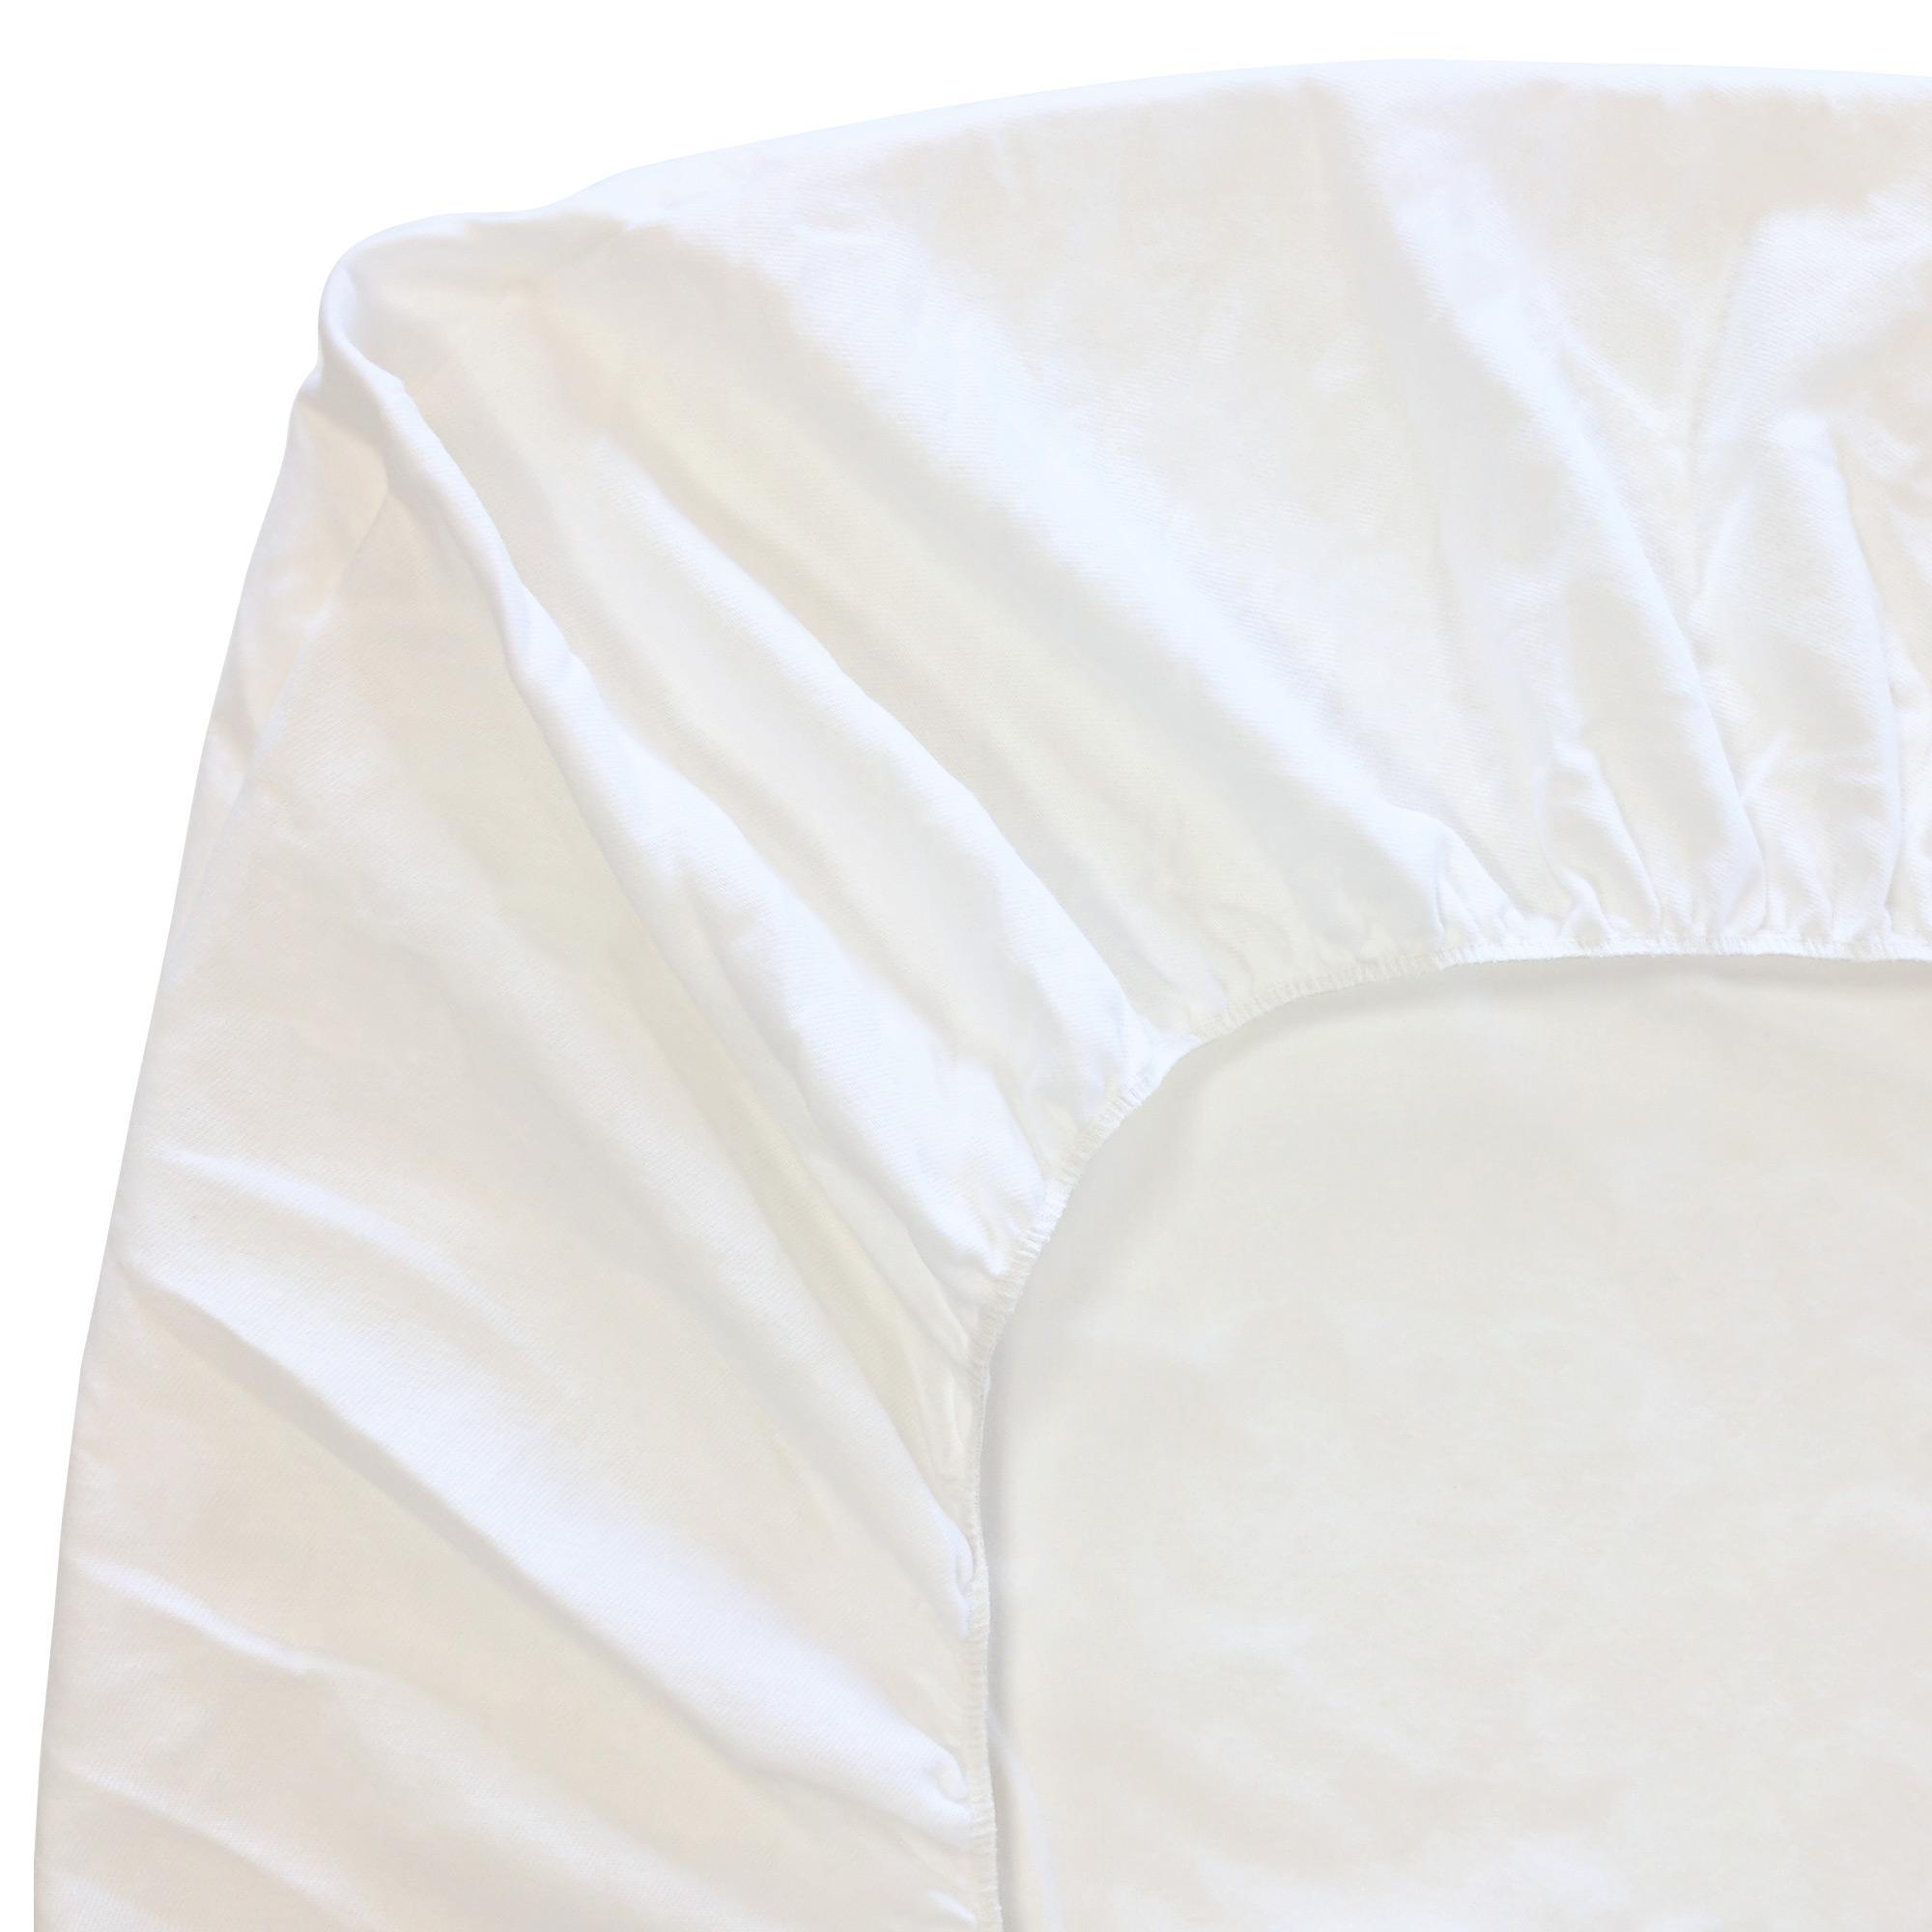 prot ge matelas 110x190 cm achua molleton 100 coton 400 g m2 bonnet 30cm linnea linge de. Black Bedroom Furniture Sets. Home Design Ideas